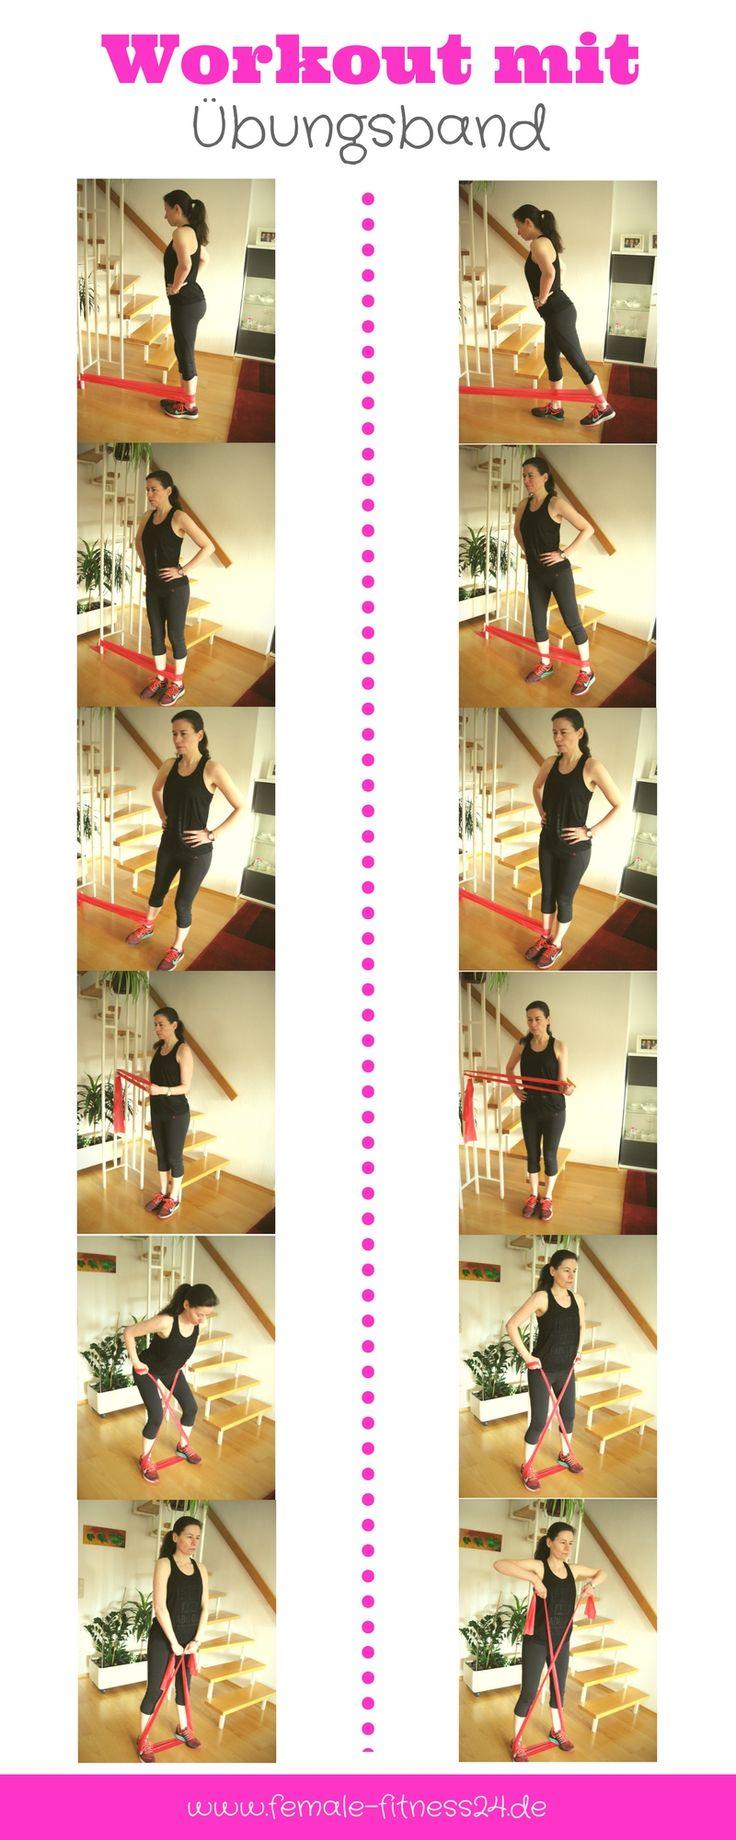 Workout | Training mit Übungsband bzw. Theraband. Bei diesen Übungen werden Beine, Po und Schultern trainiert.